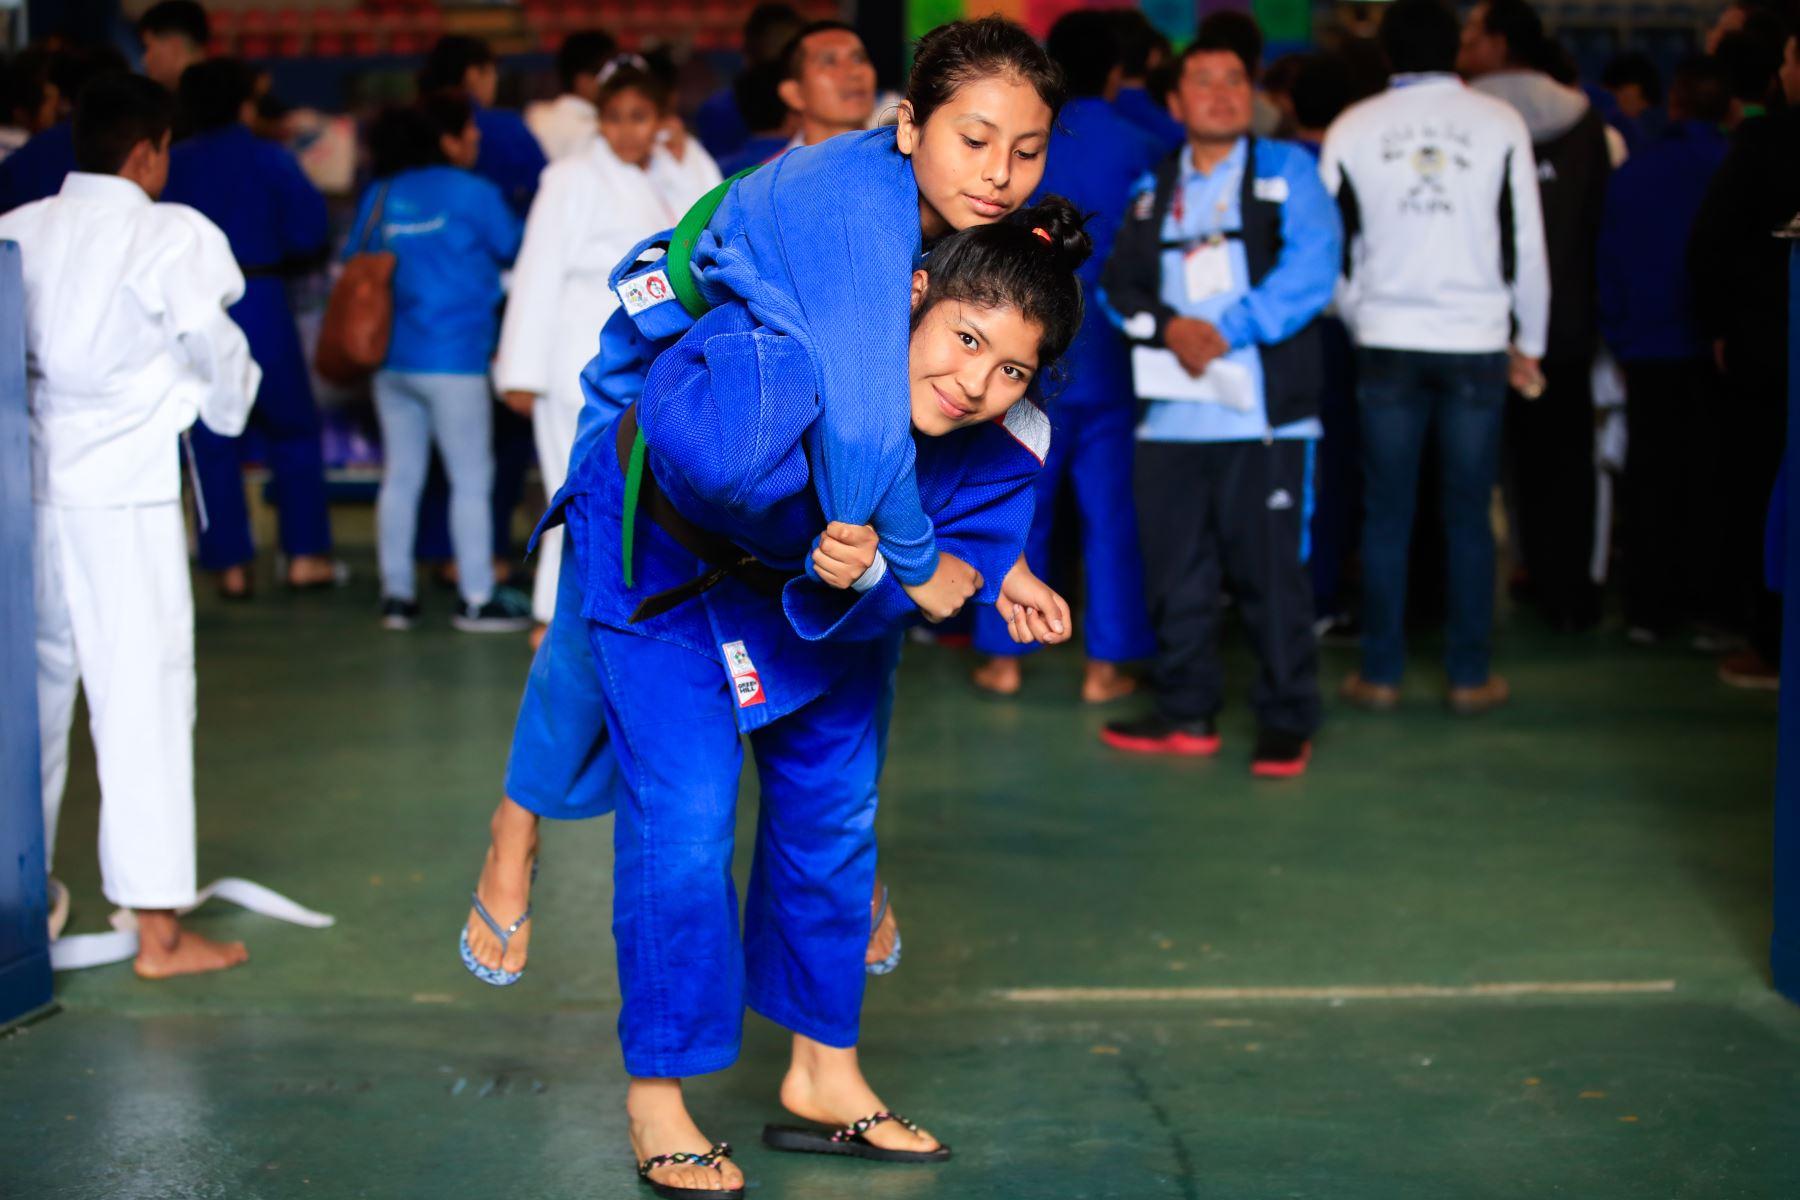 Angie Vizcarra Amesquita, campeona nacional de judo y tercera mejor judoka de Sudamérica competidora de los Juegos Deportivos Escolares Nacionales, Judo Mixto.   Foto: Andina/Juan Carlos Guzmán Negrini